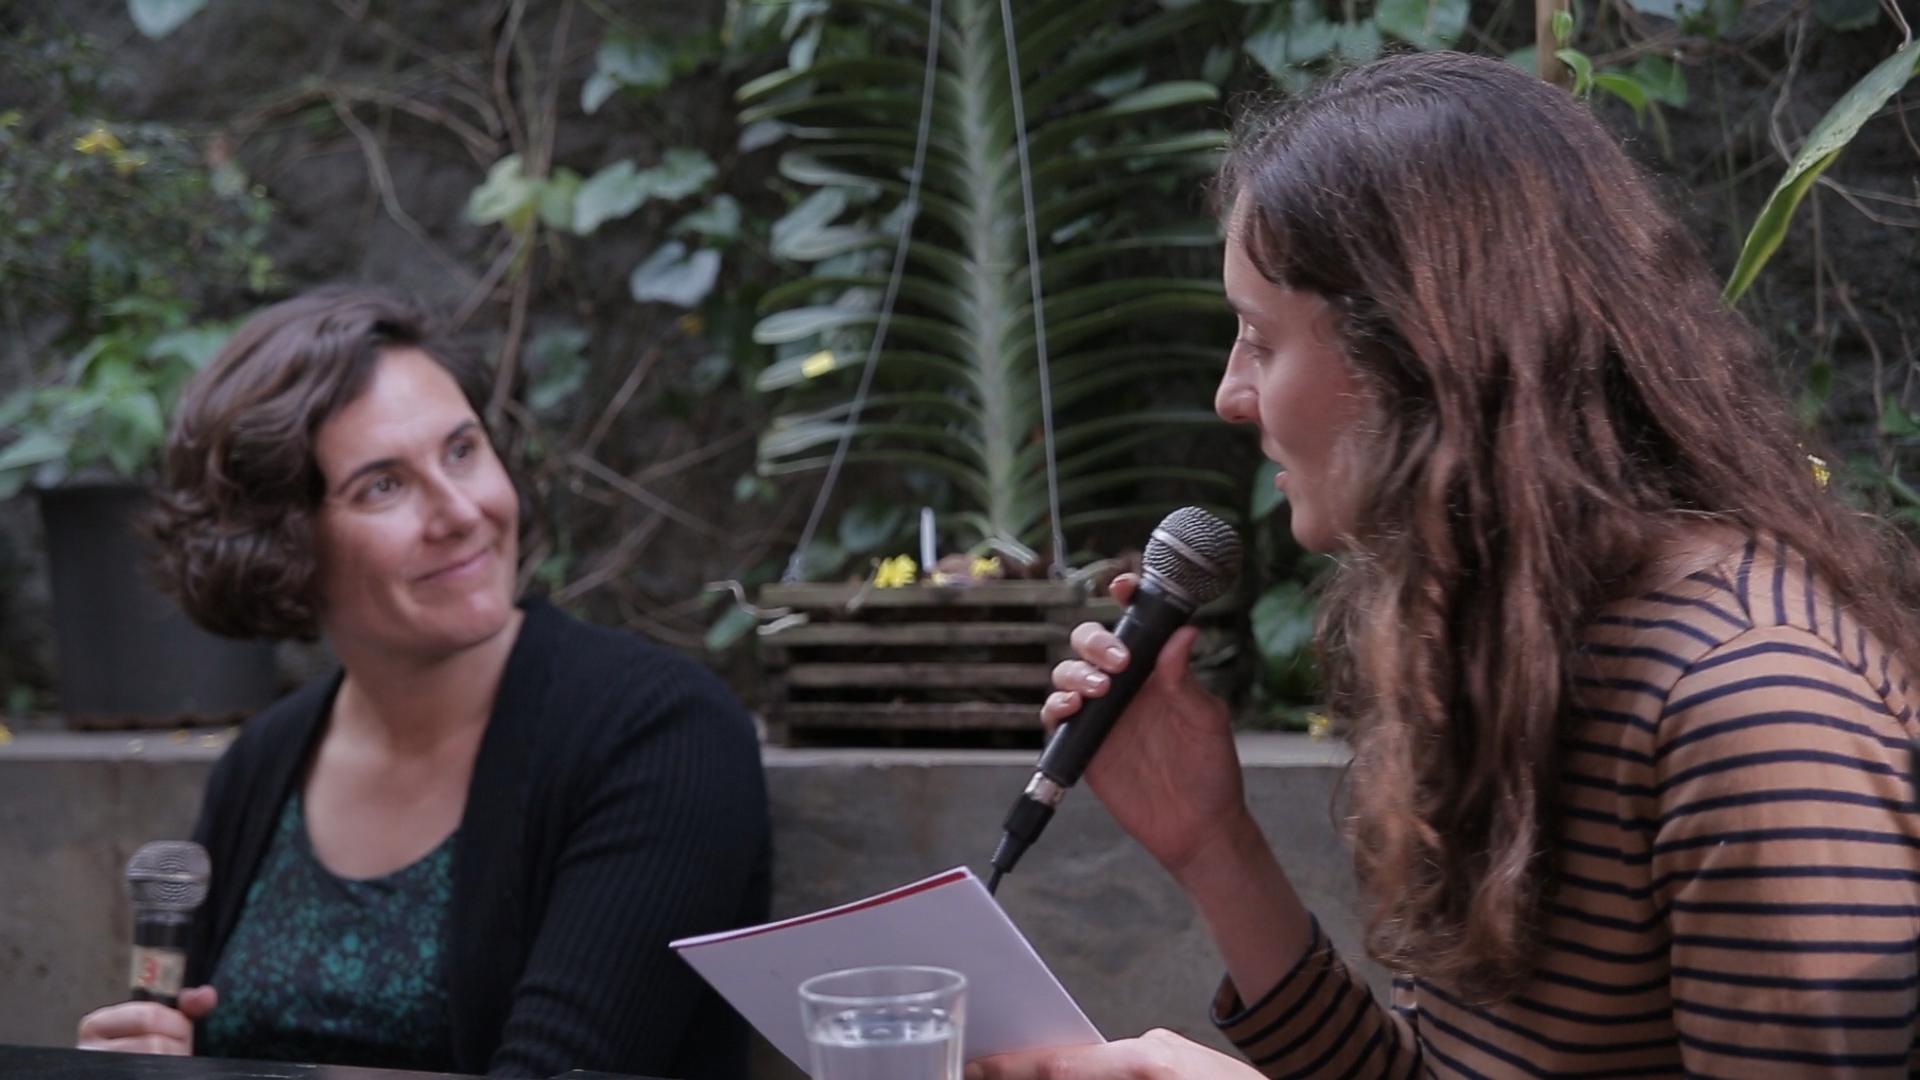 Entrevista com Julia Powles sobre o direito ao esquecimento